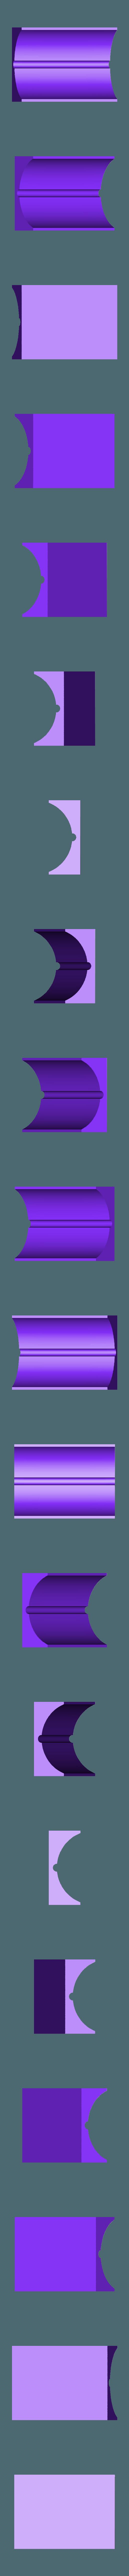 cylbotlid.stl Télécharger fichier STL gratuit Adaptateur de batterie 18650 pour NDS Lite • Modèle pour imprimante 3D, LarryG